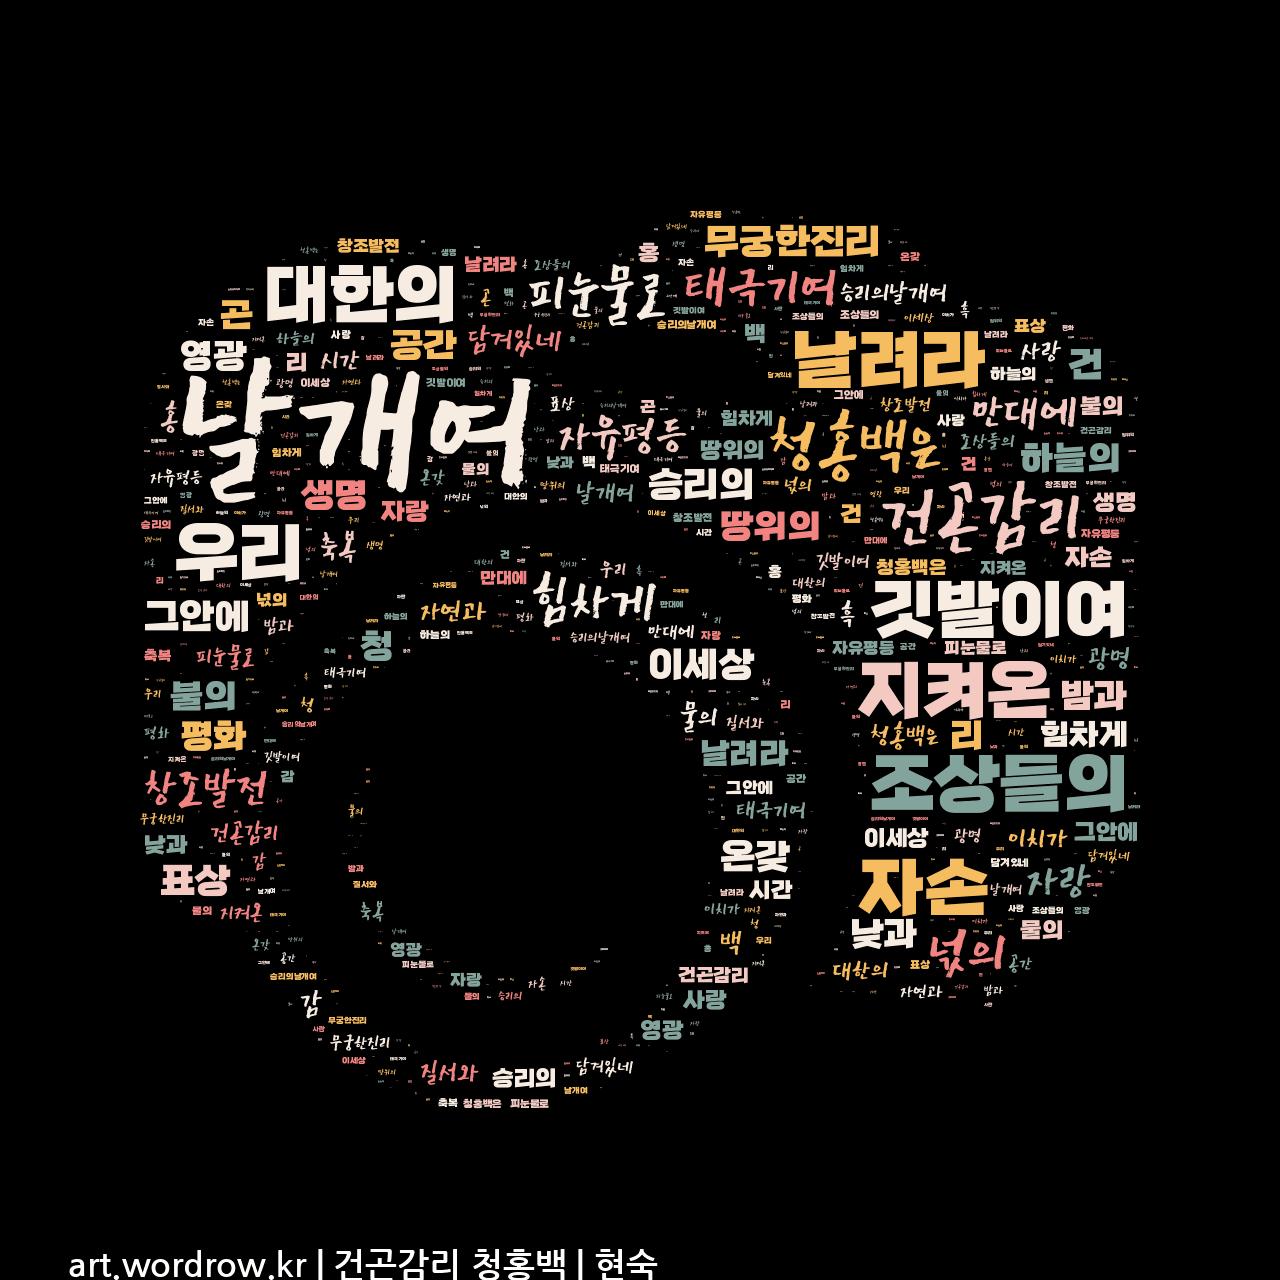 워드 클라우드: 건곤감리 청홍백 [현숙]-66